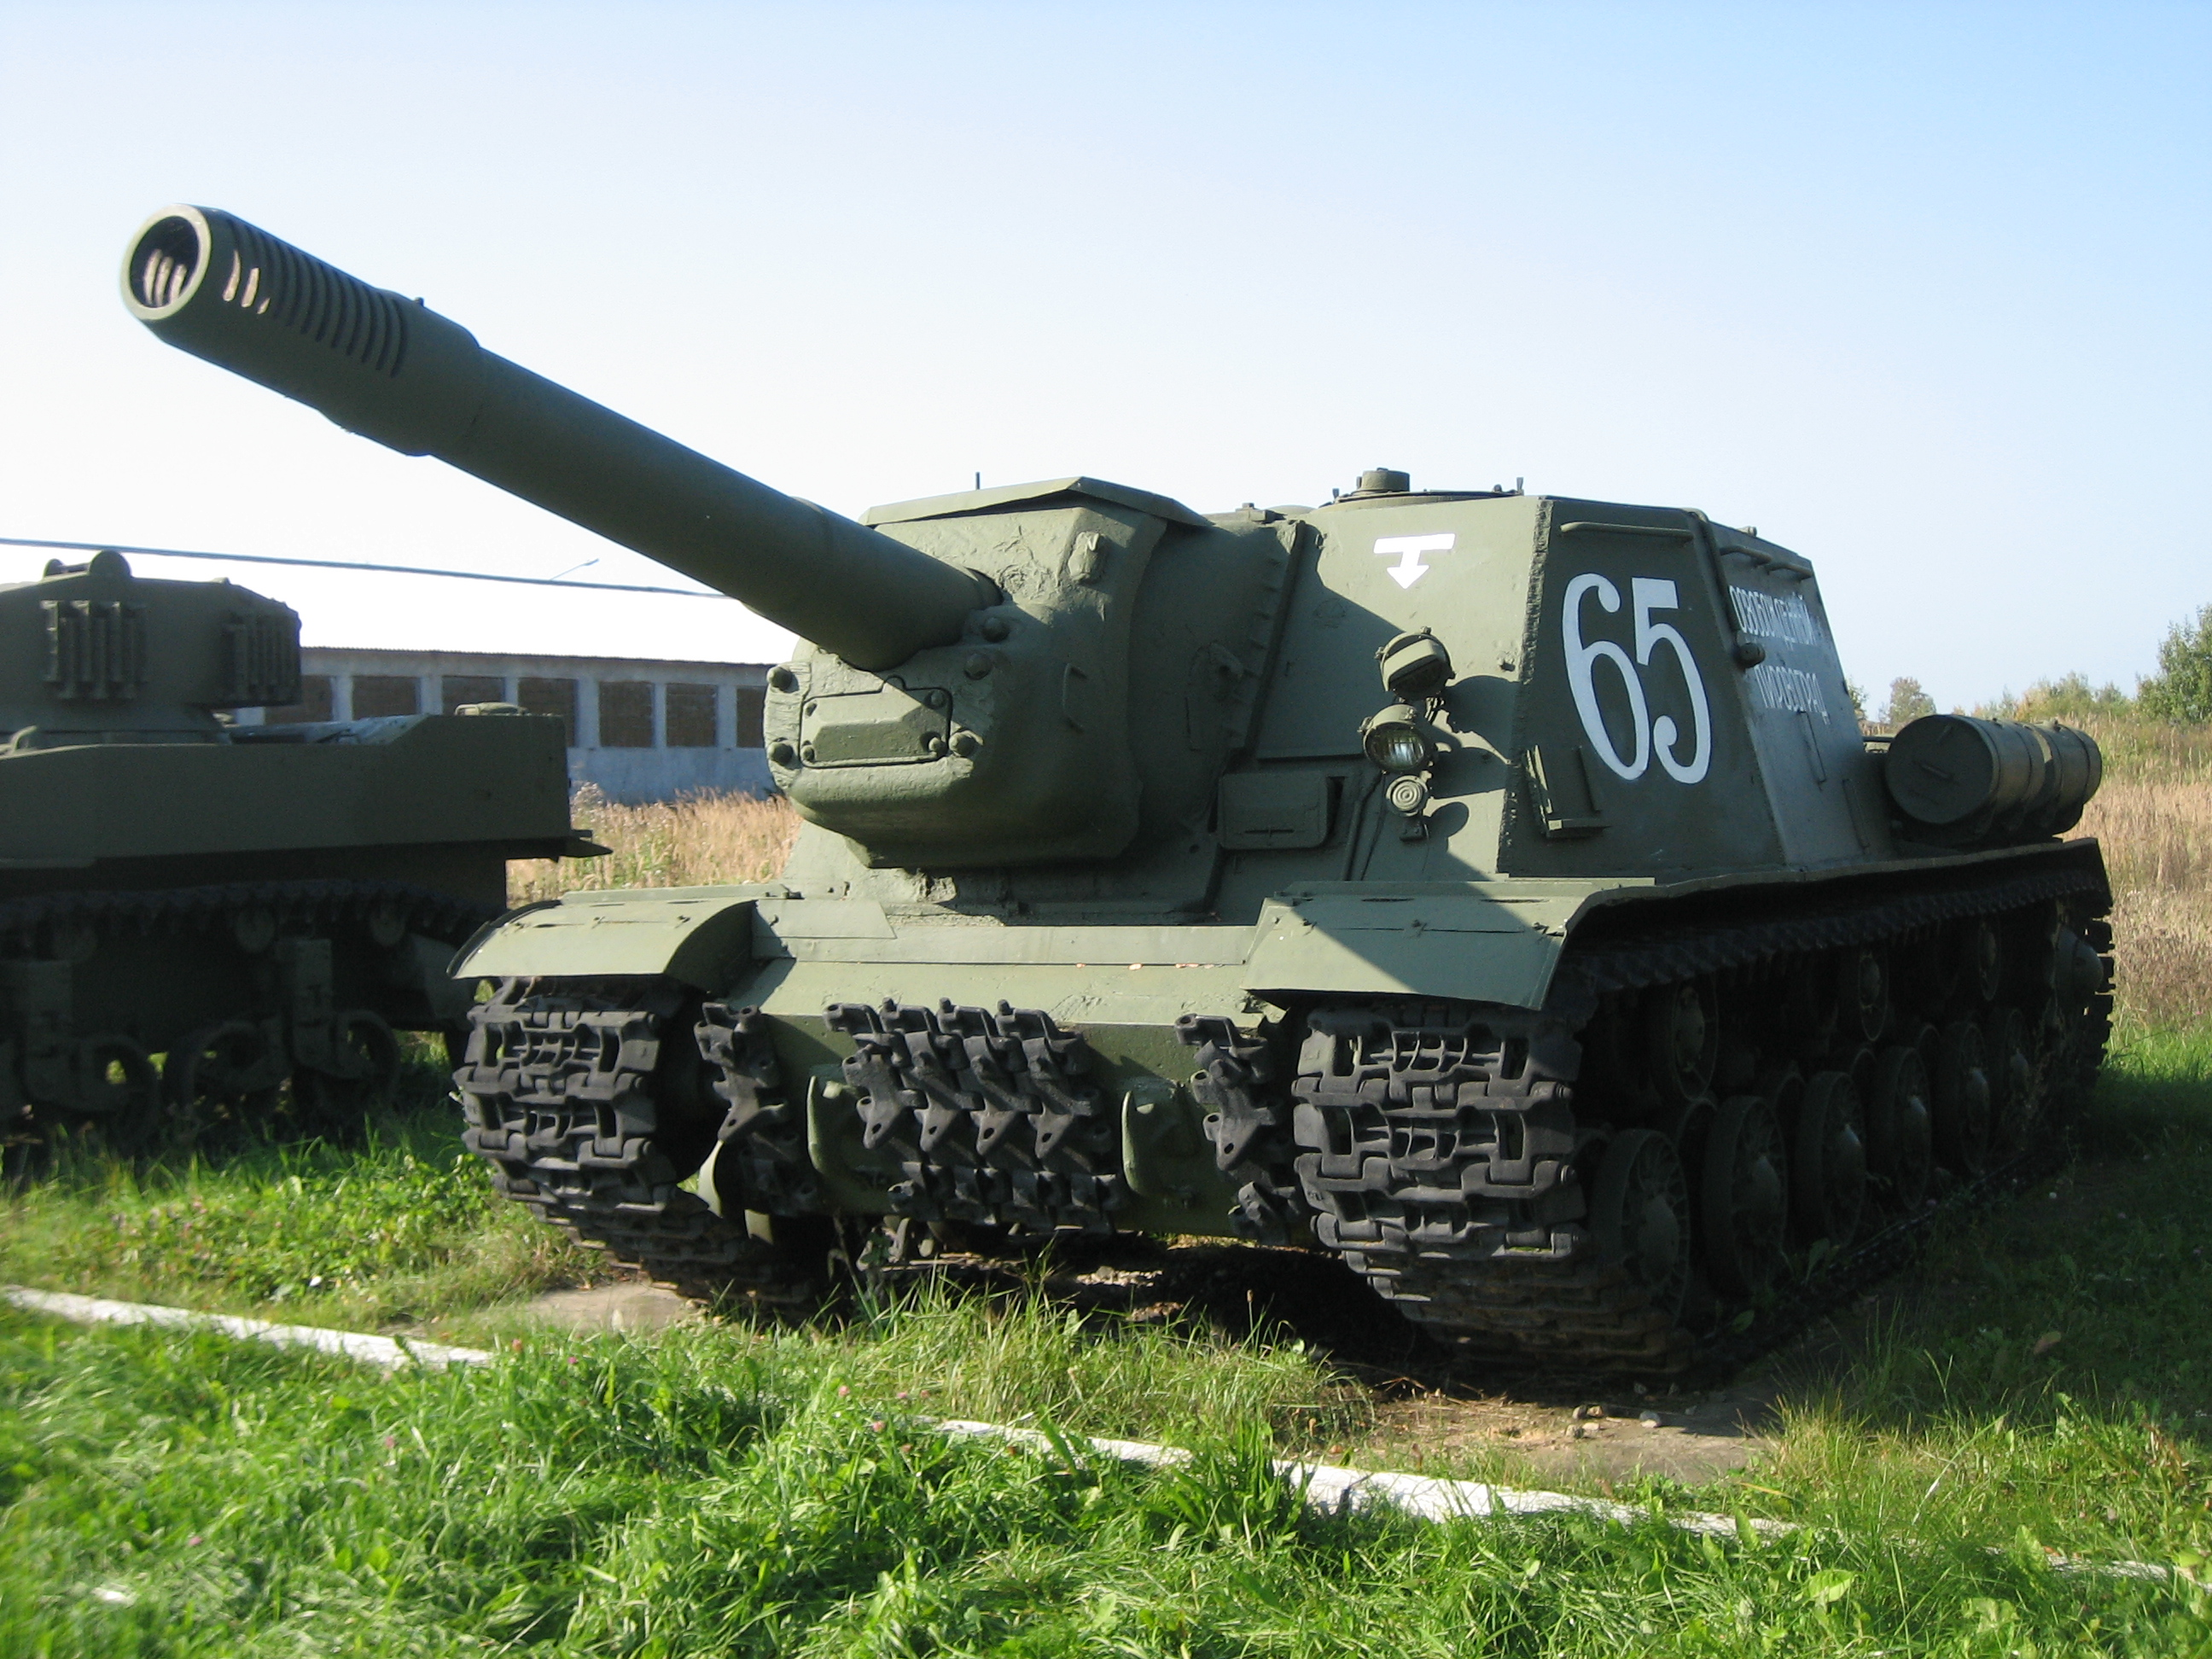 ISU-152 - Wikipedia